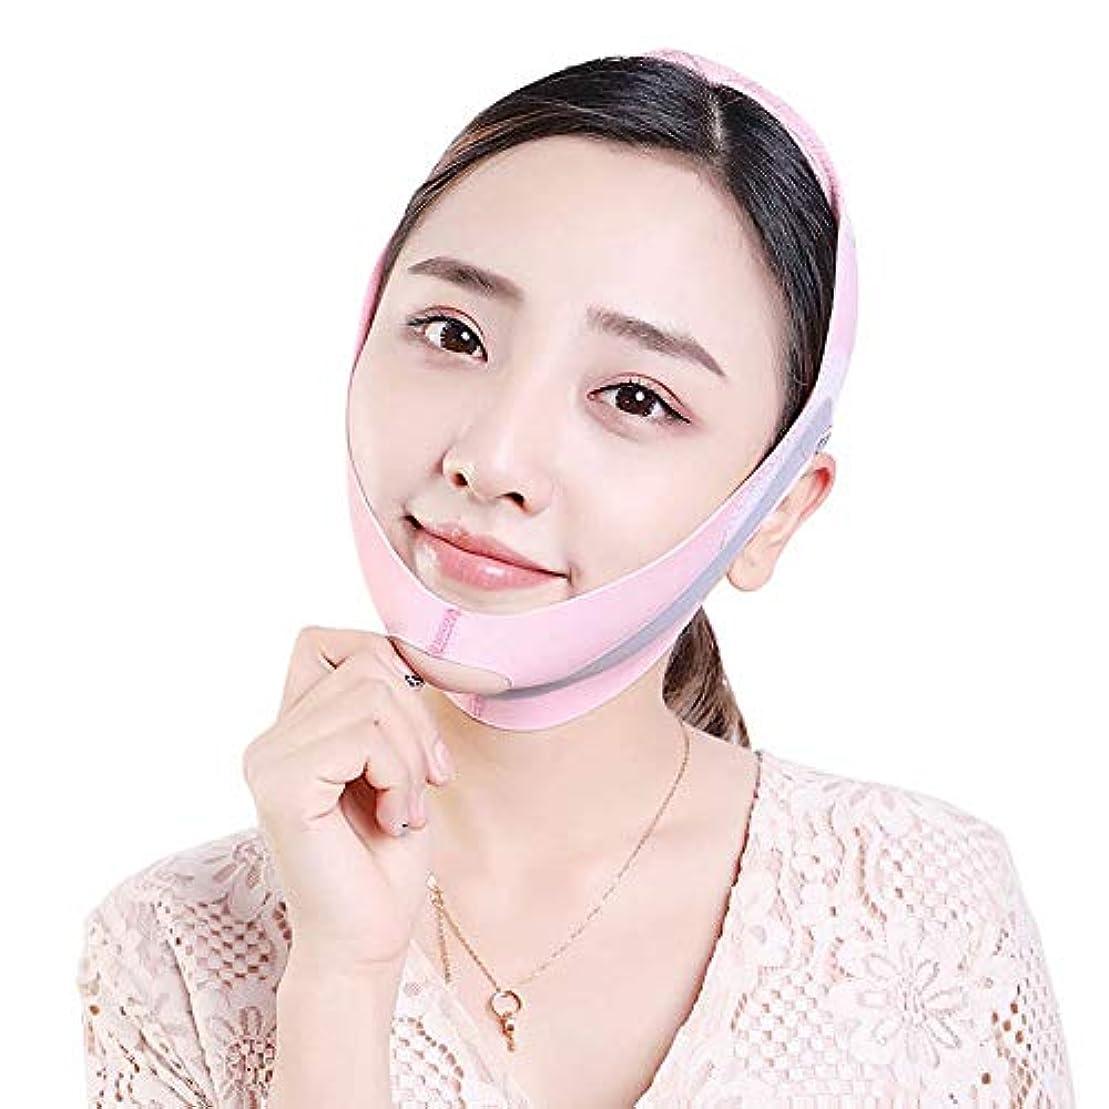 集める状マイナーGYZ たるみを防ぐために顔を持ち上げるために筋肉を引き締めるために二重あごのステッカーとラインを削除するために、顔を持ち上げるアーティファクト包帯があります - ピンク Thin Face Belt